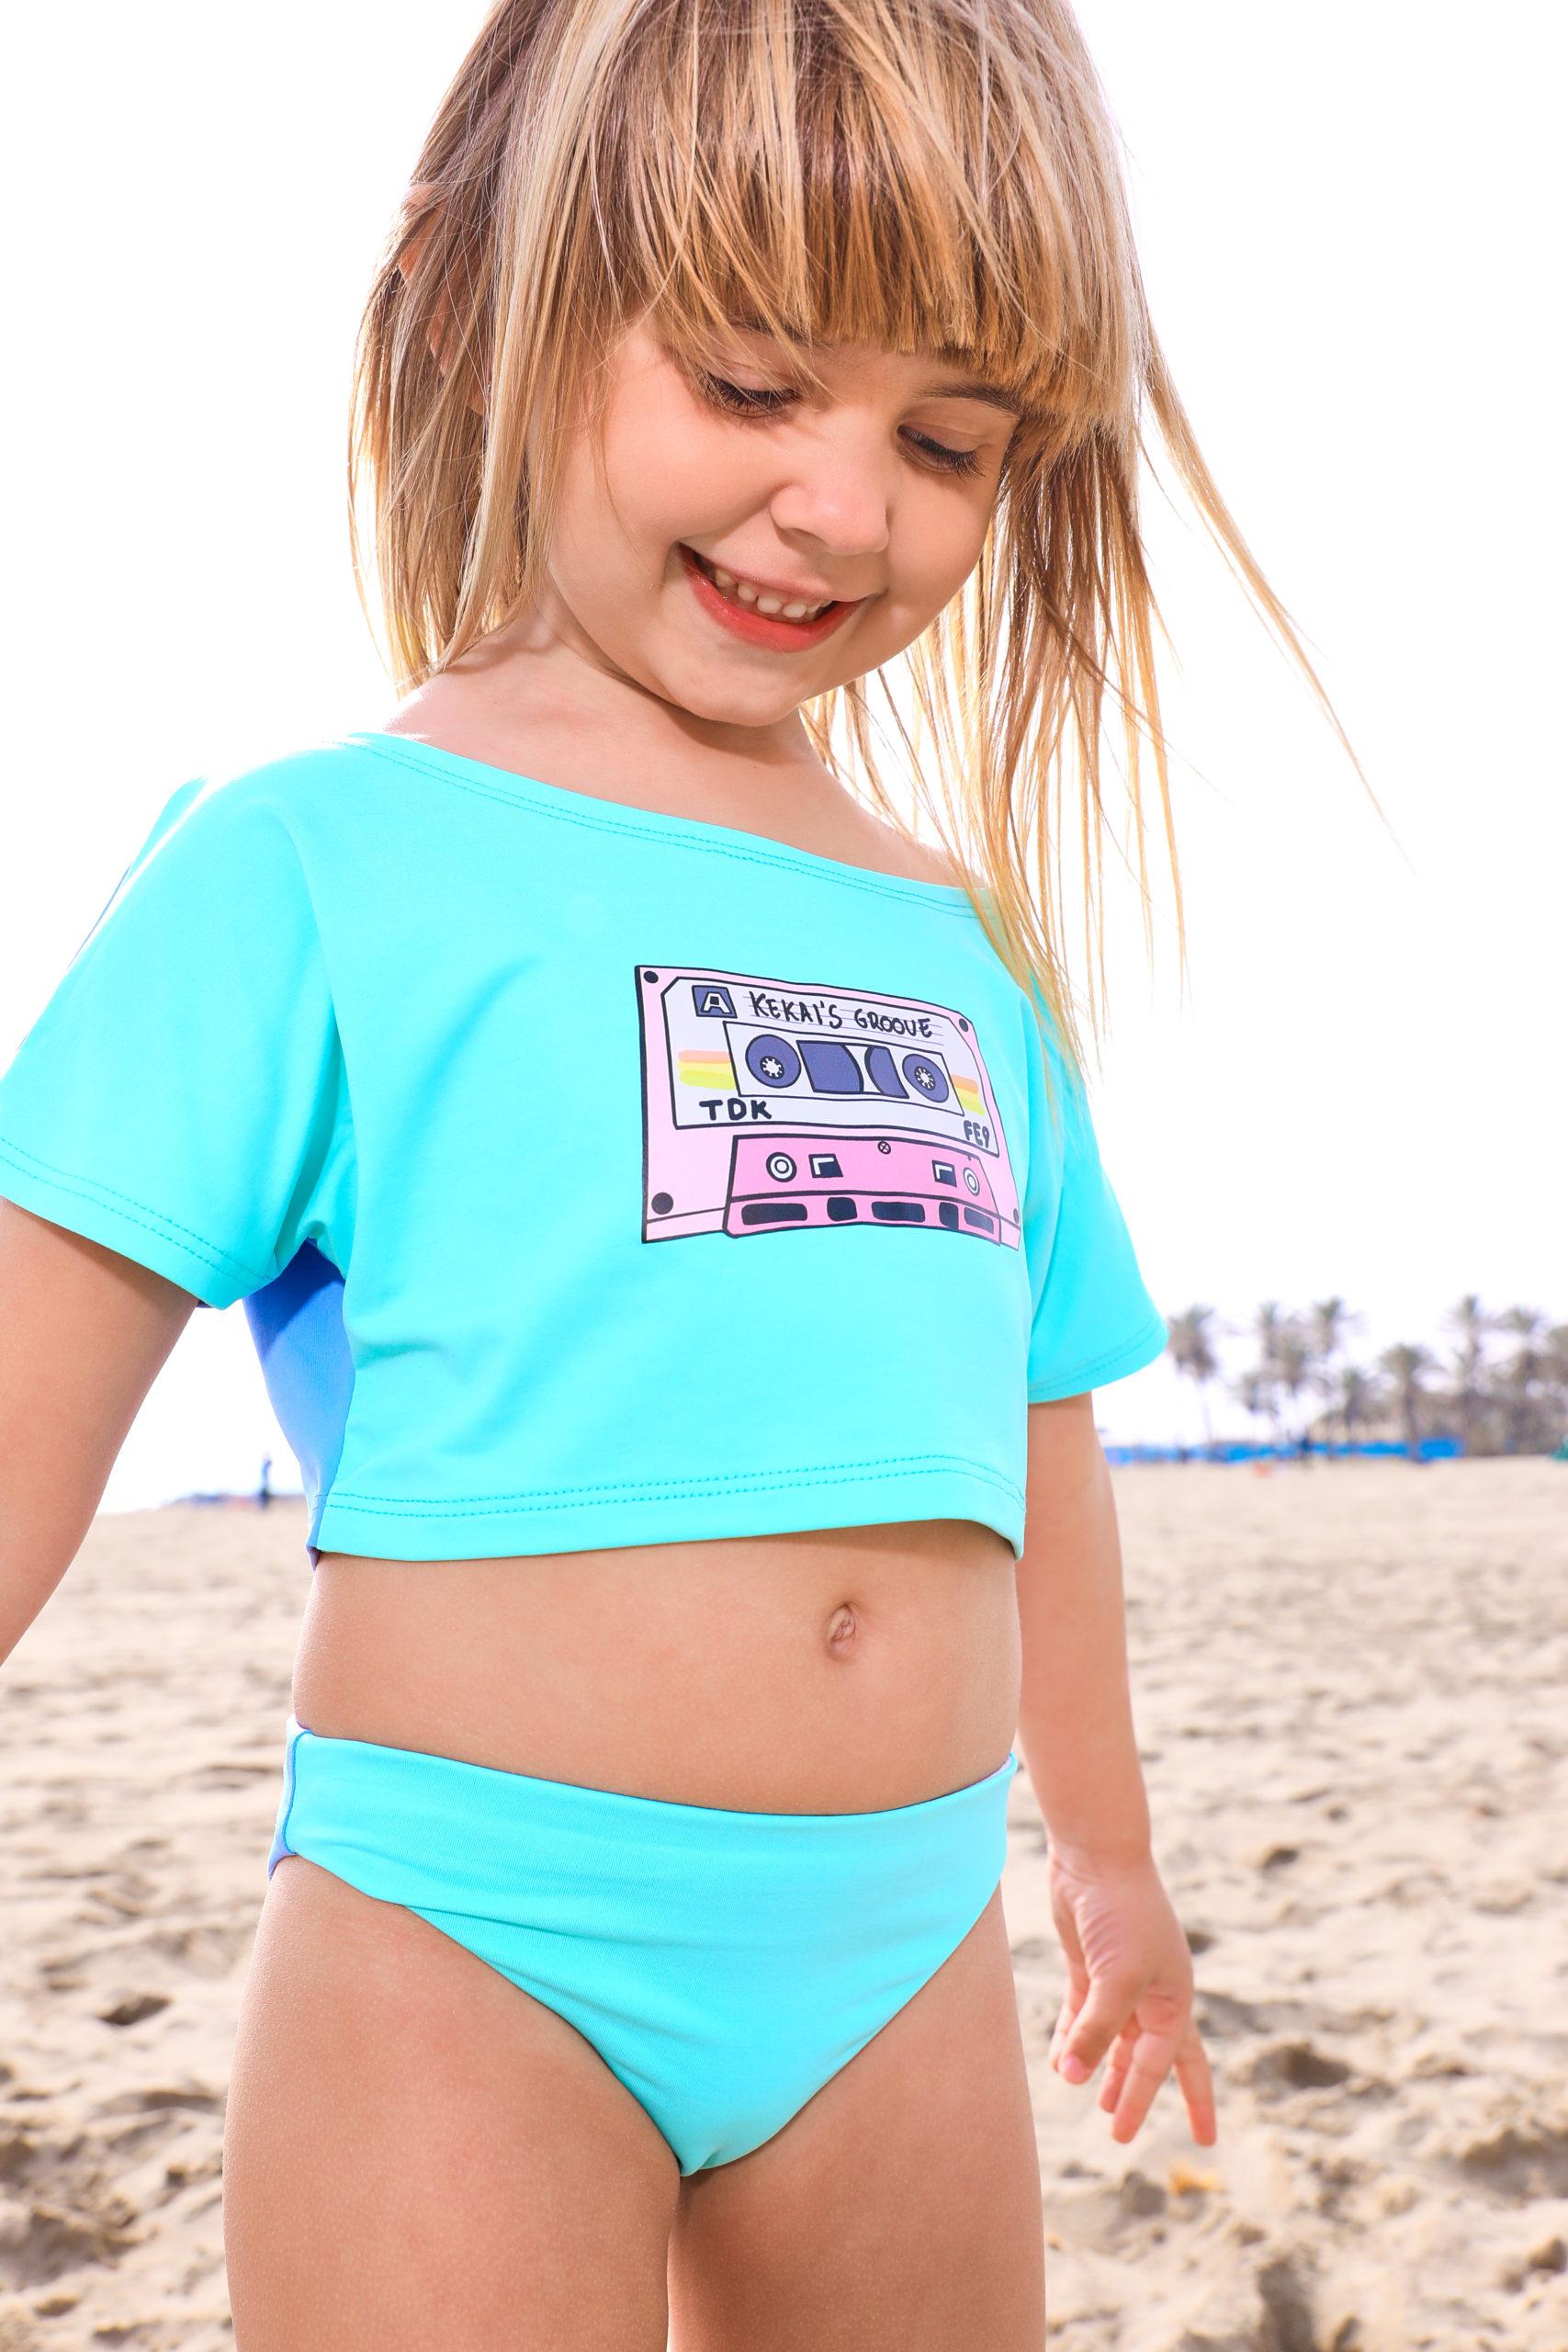 KeKai Groove Camiseta + Culetín